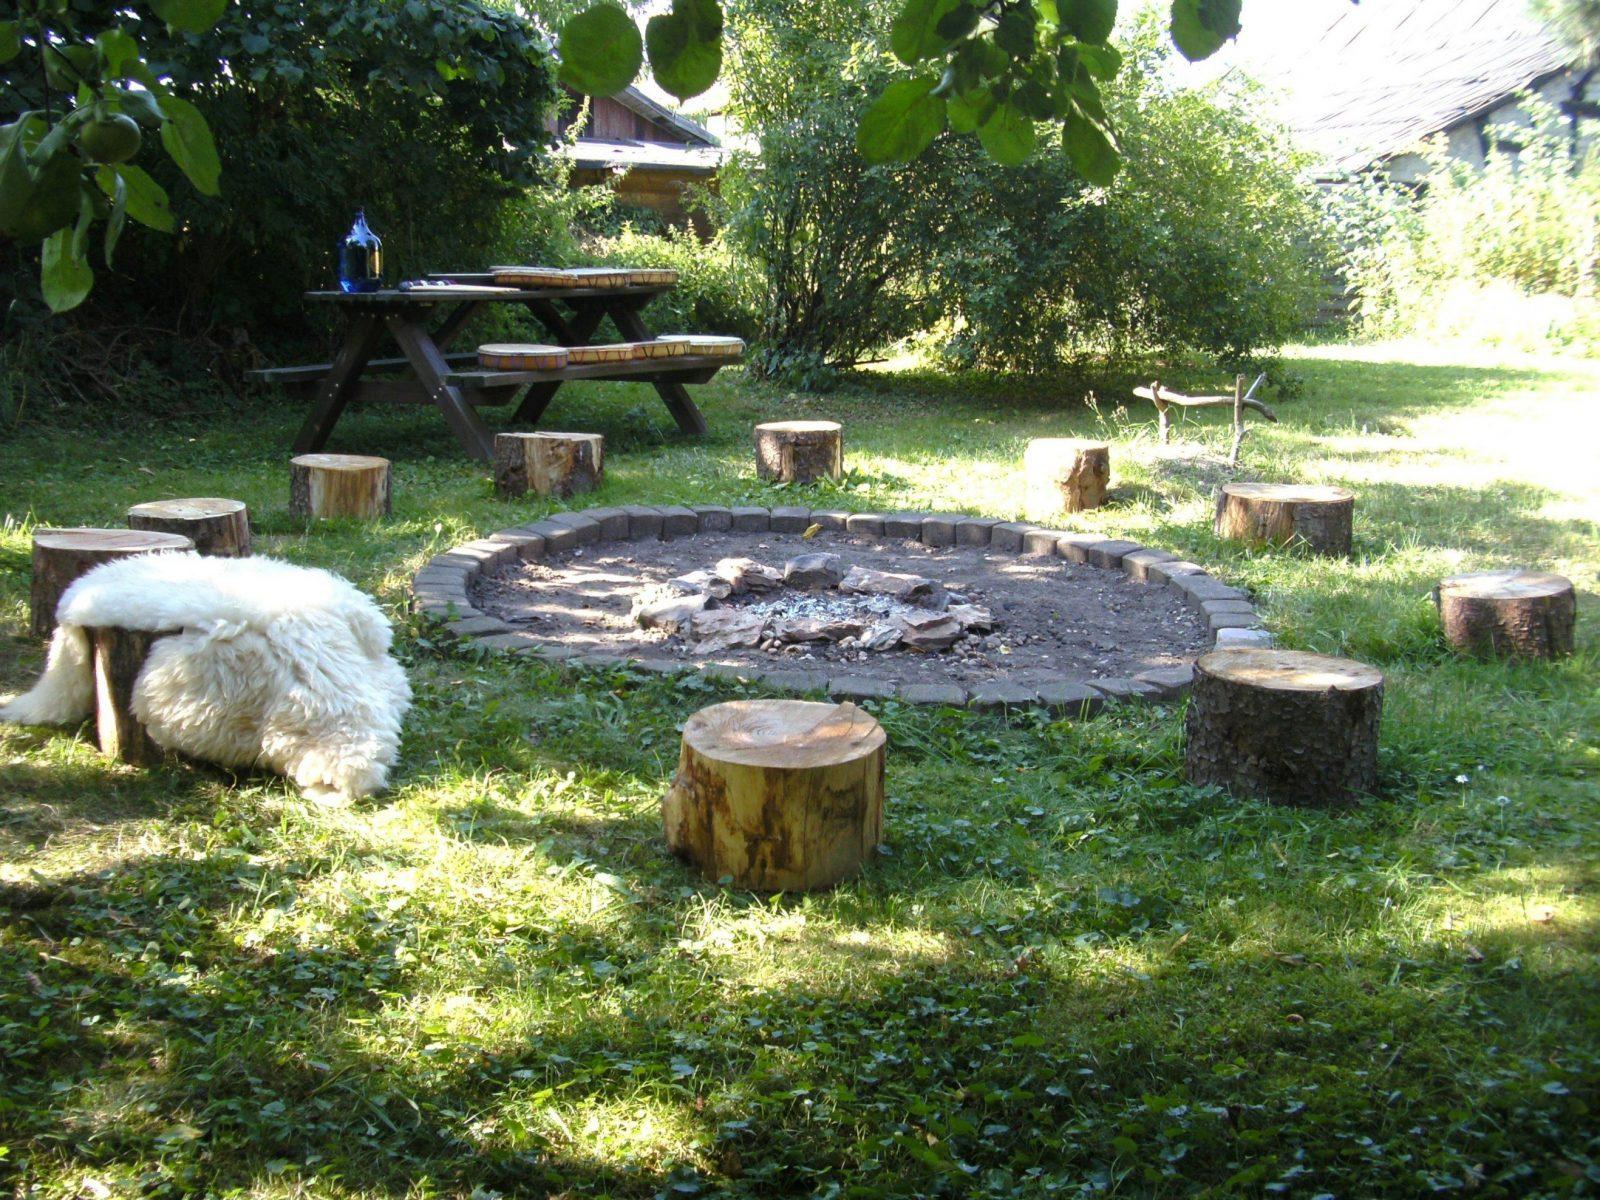 Feuerstelle Im Garten Bilder Best Of Luxuriös Großartig Feuerstelle von Feuerstelle Im Garten Anlegen Photo